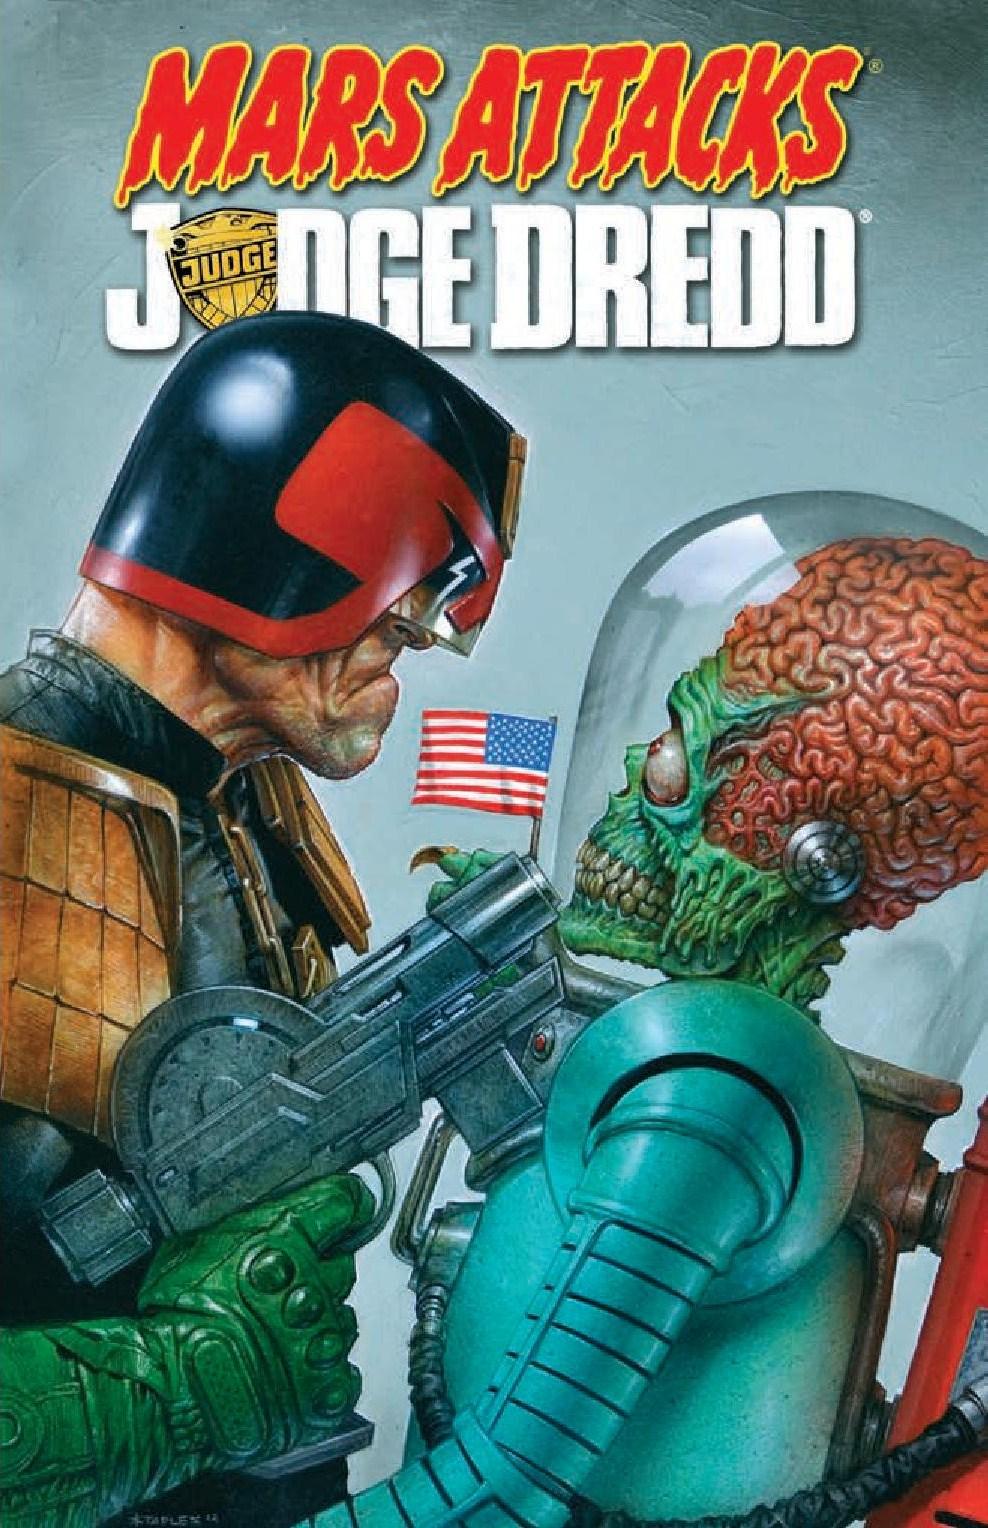 MarsAttacks_JDredd-pr-page-001